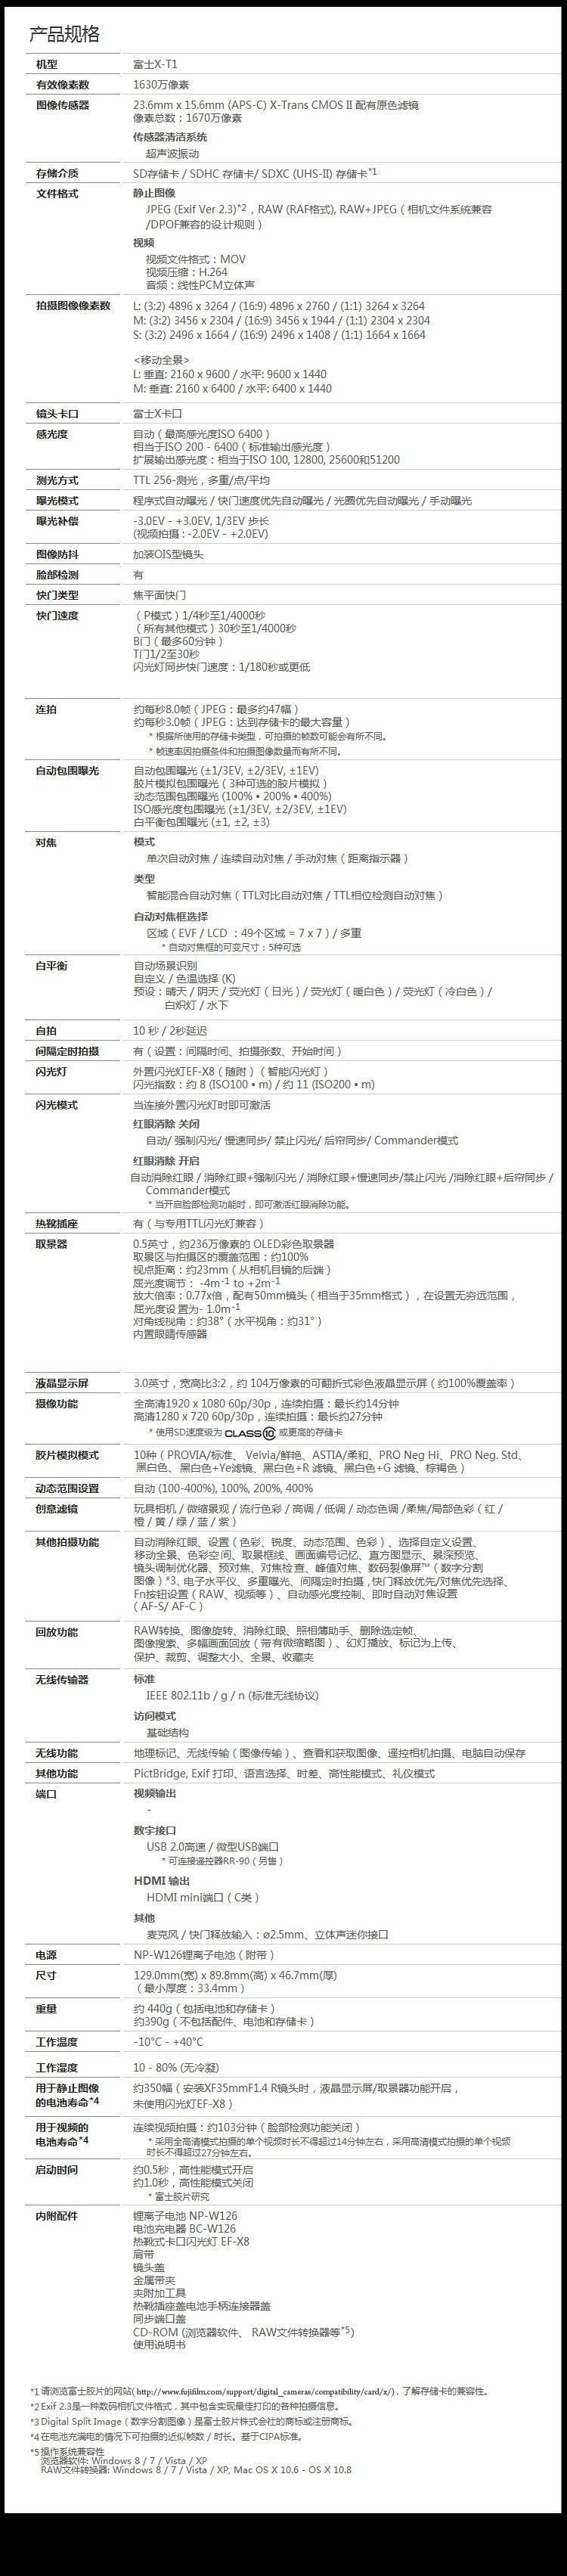 富士X-T1 碳晶灰 图片18